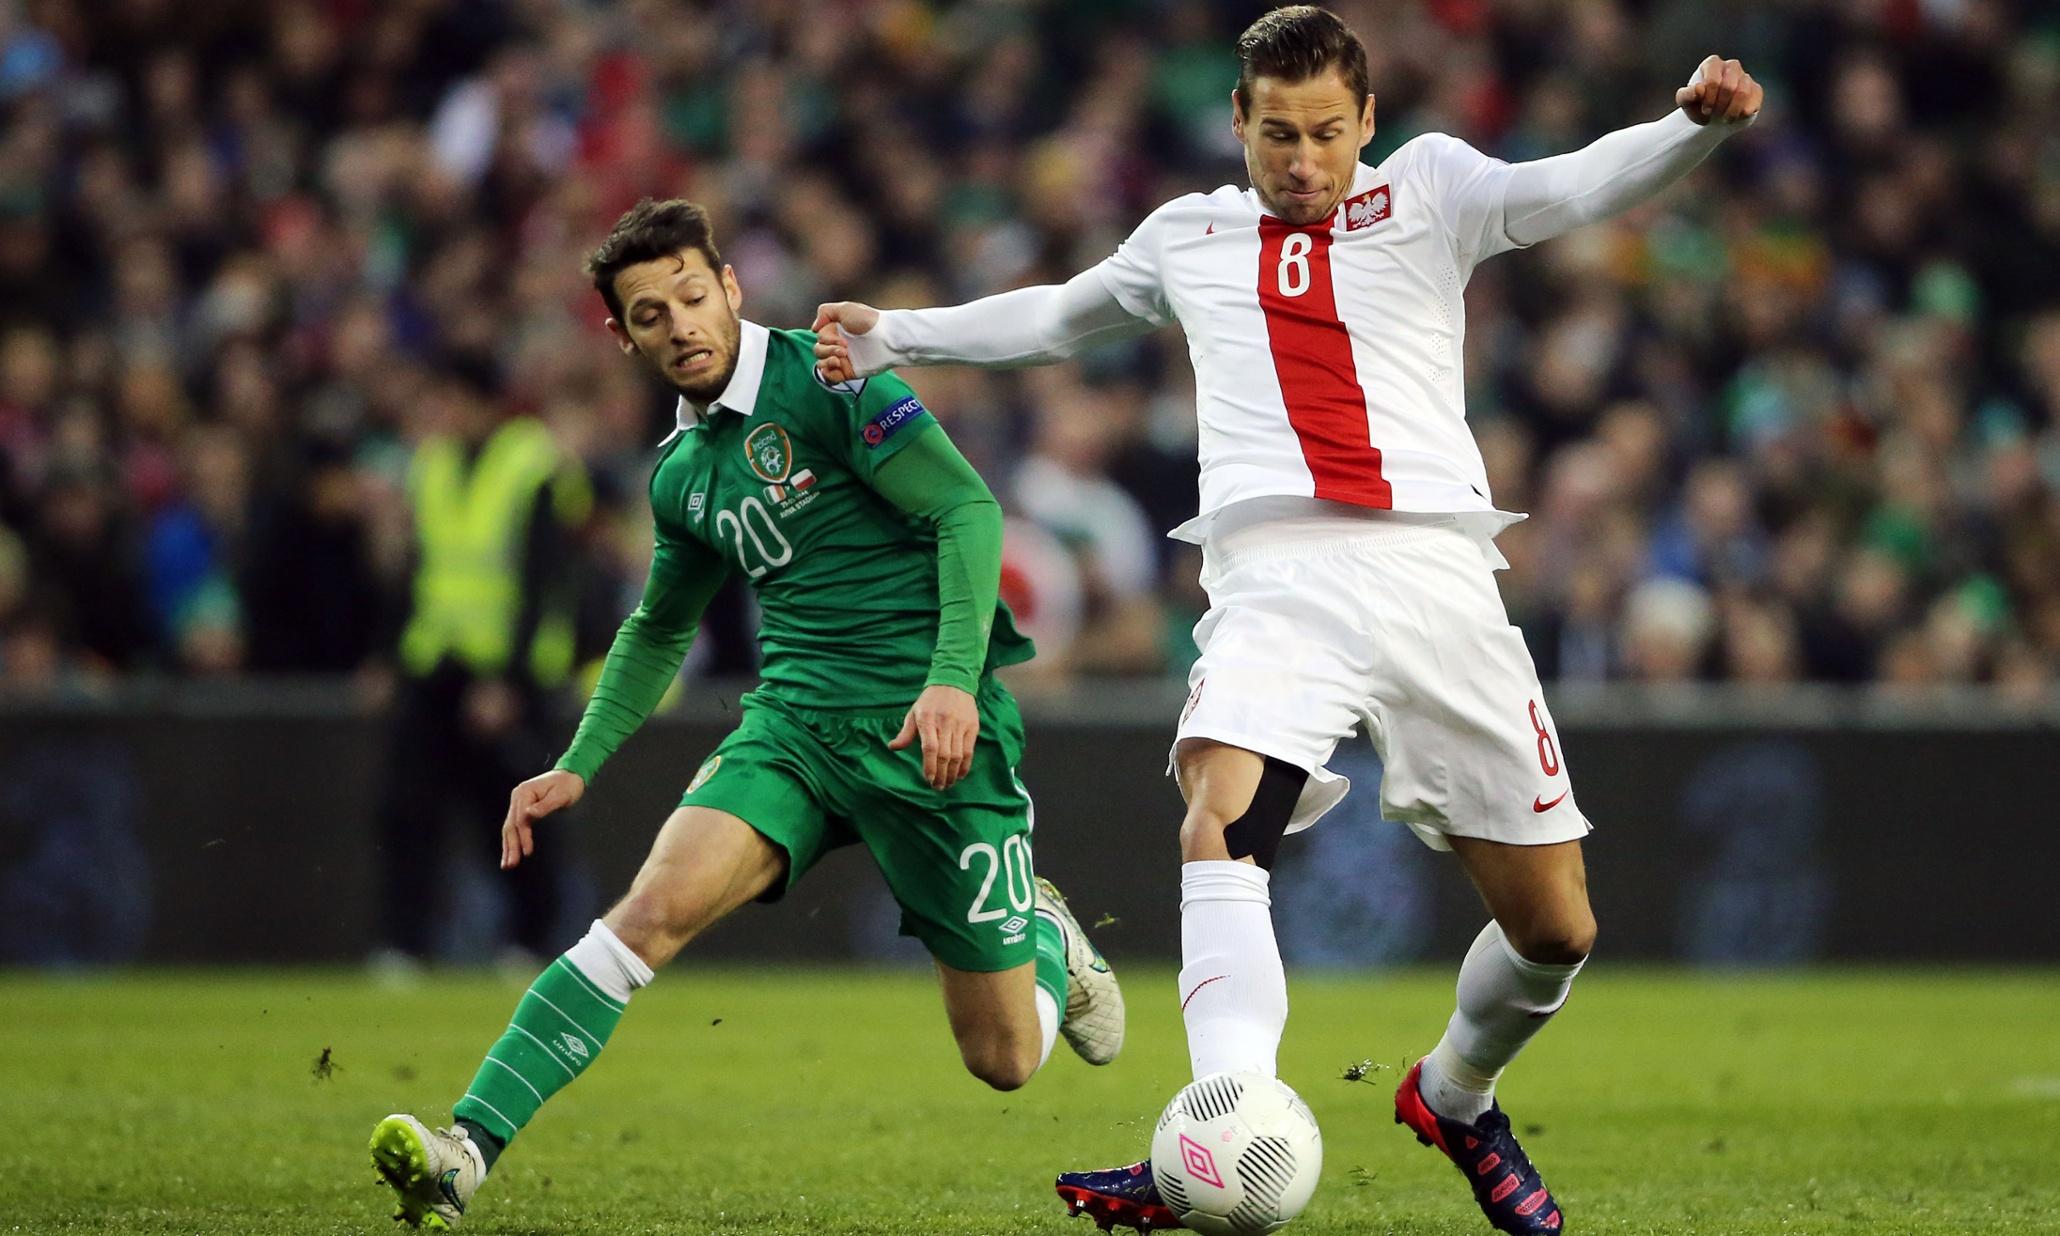 كأس اوروبا 2016: فوز بولندا على ايرلندا الشمالية 1-صفر